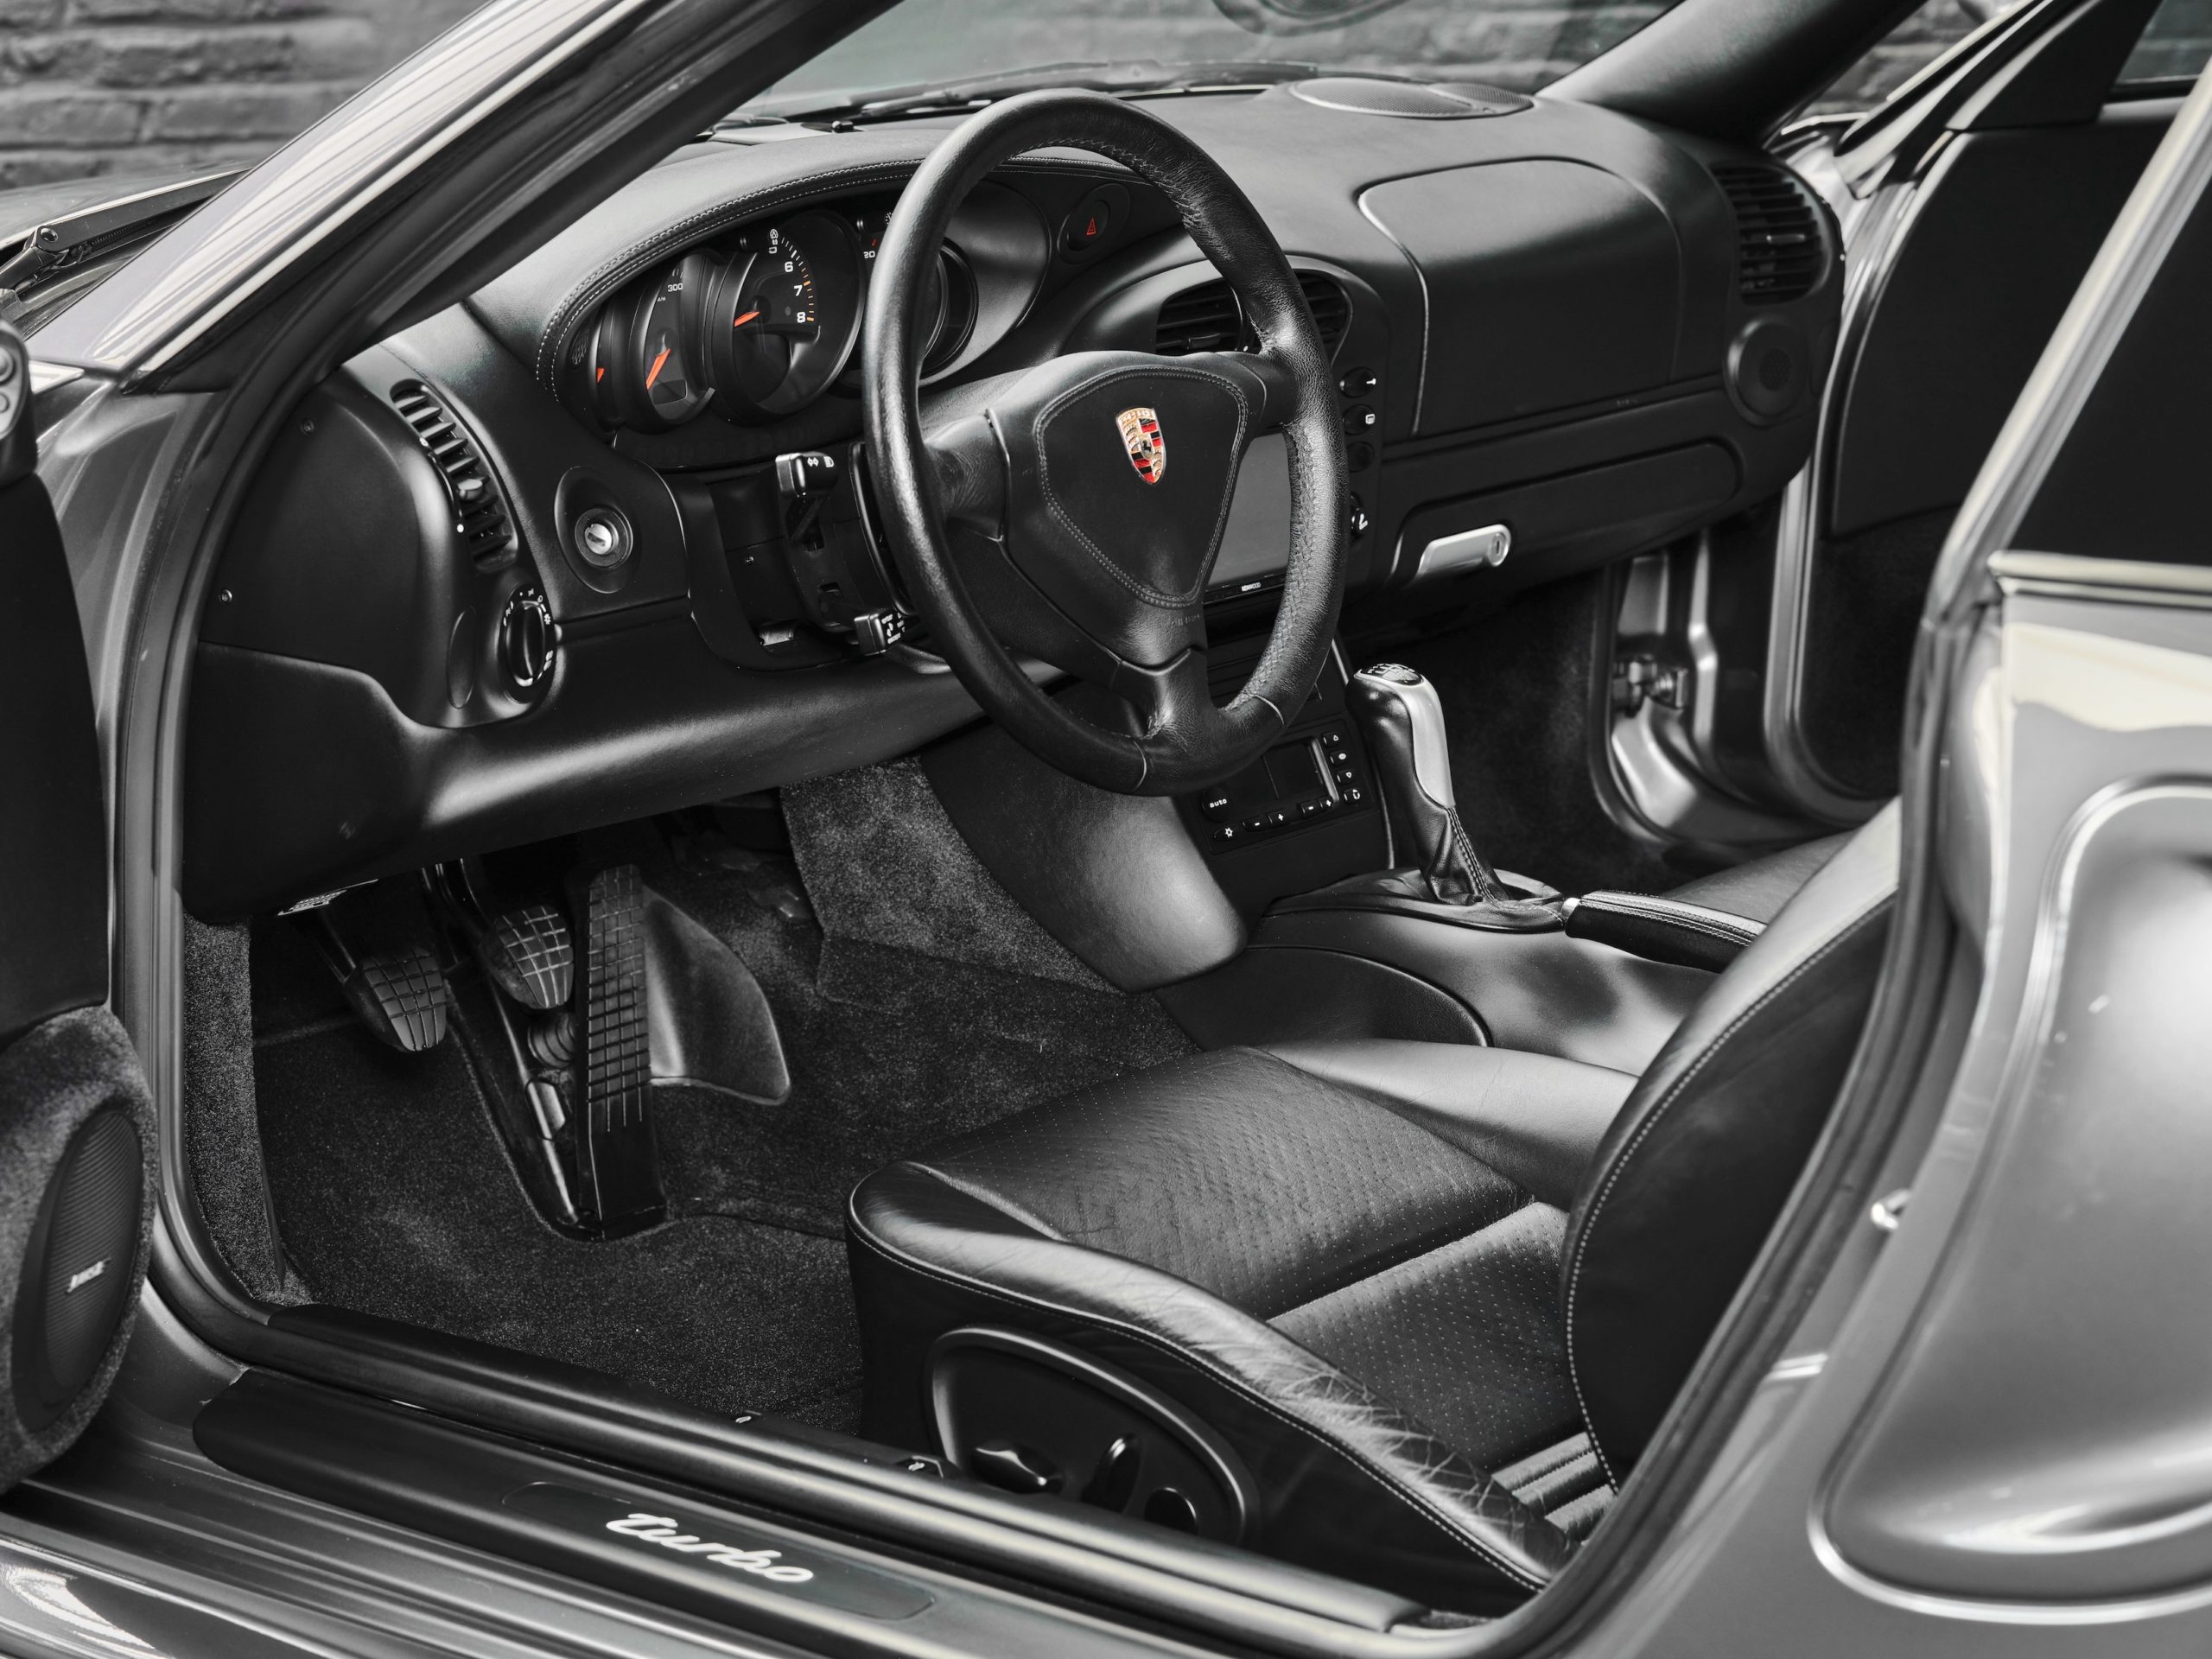 photo d'une Porsche 996 Turbo de 2002 en Gris Kerguelen - Intérieur Cuir noir en vente chez Classic 42 Spécialiste Vente Porsche Classique Bruxelles